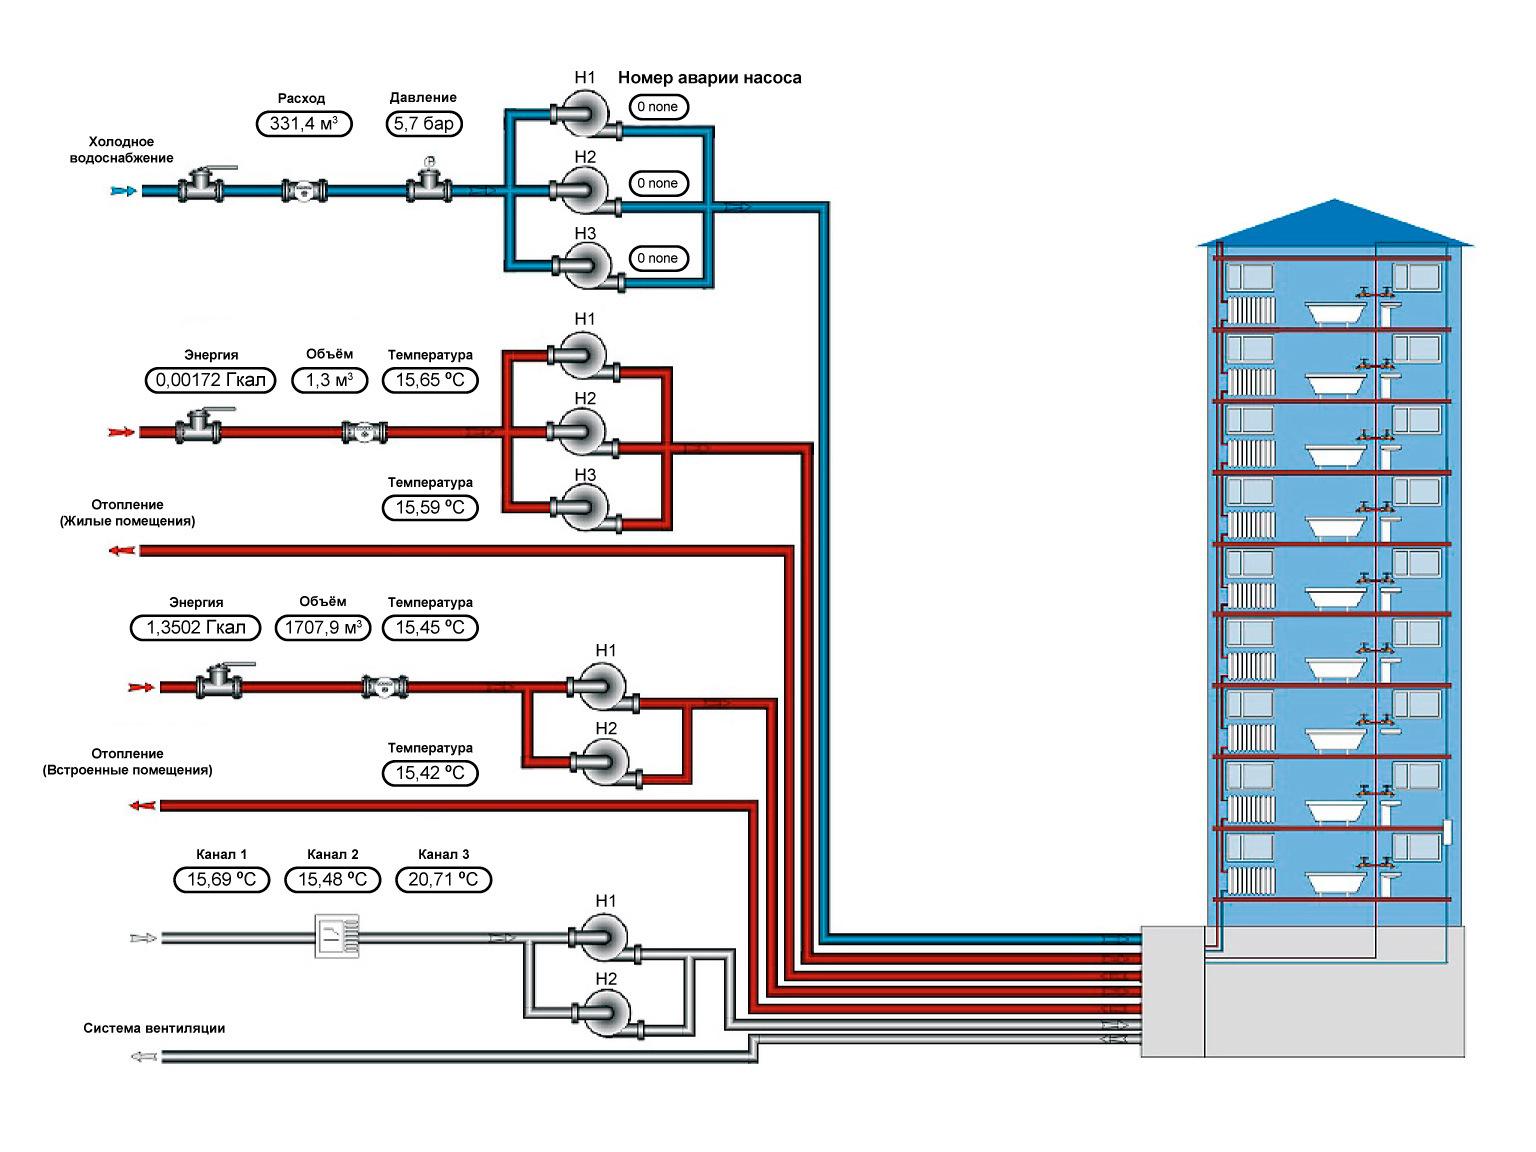 СЕА АСОЕ - пример реализации поквартирного учета на базе сети M-Bus